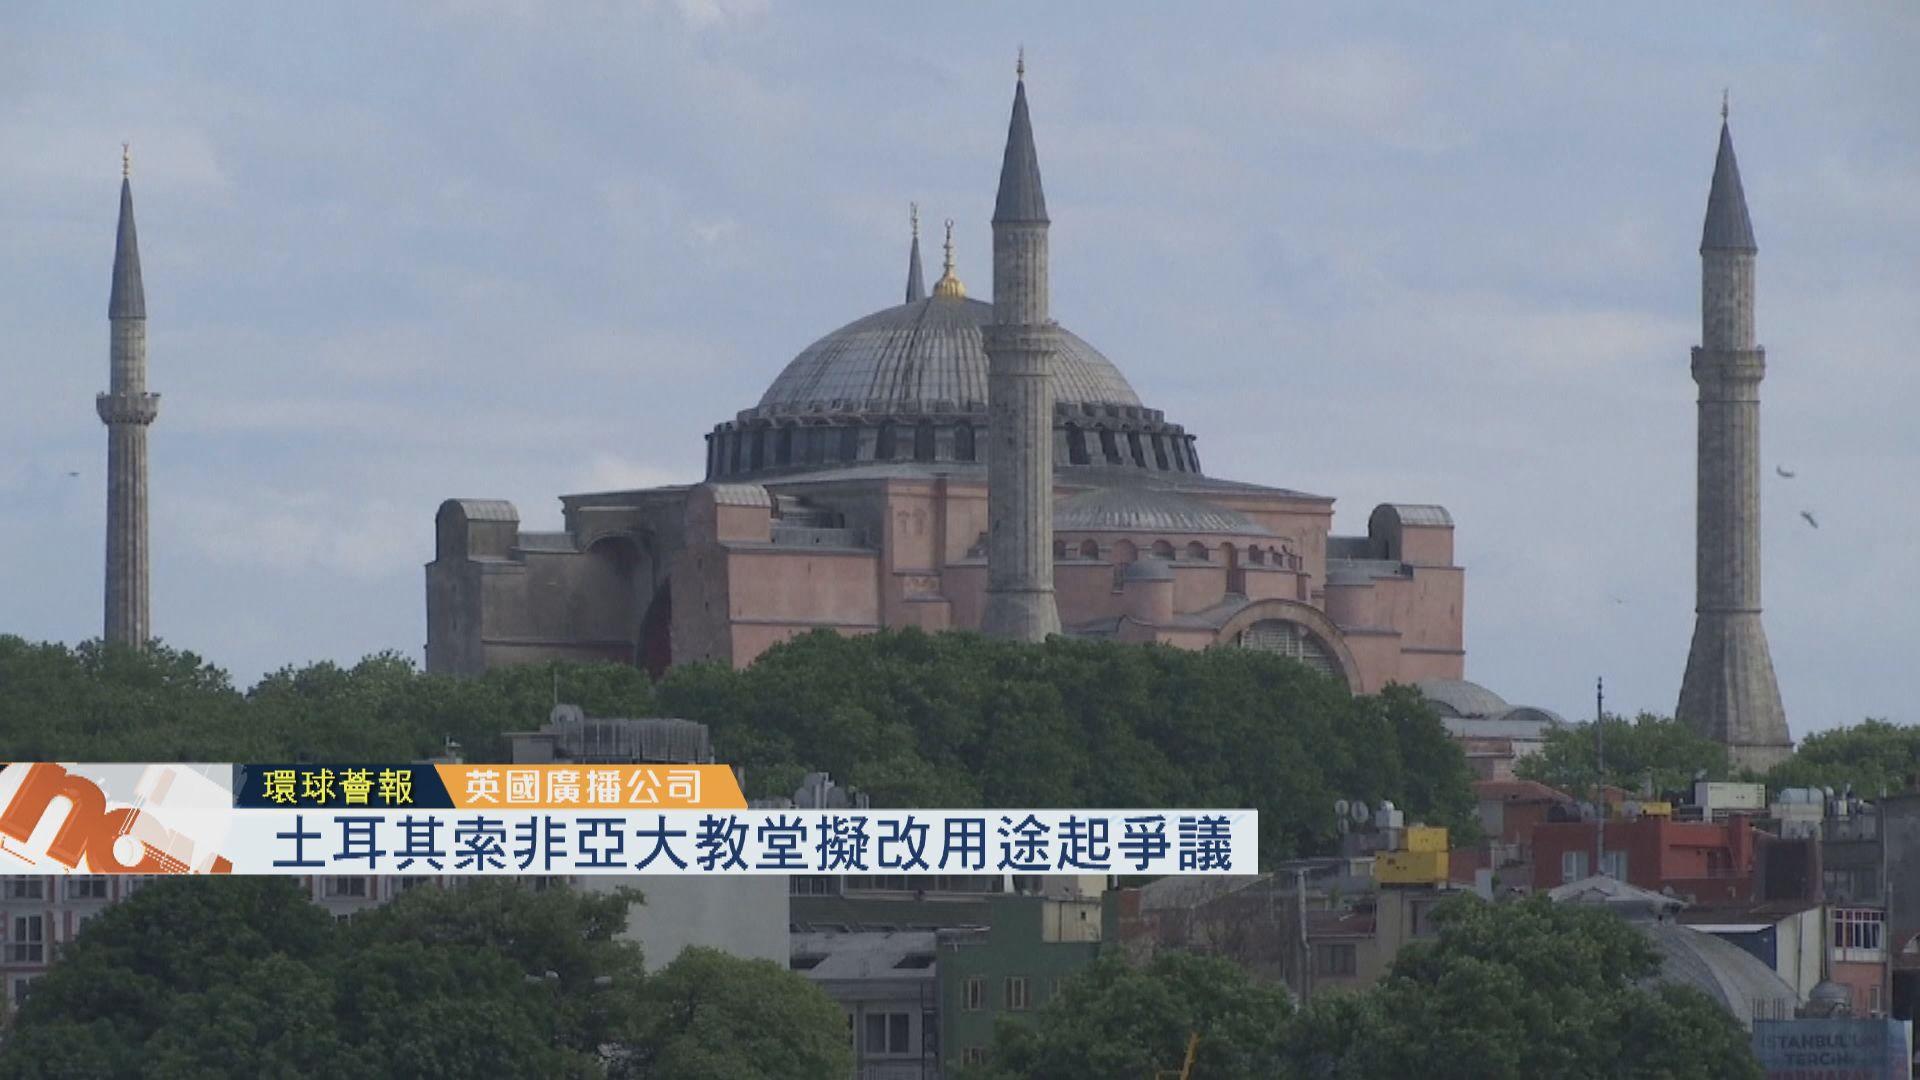 【環球薈報】土耳其索非亞大教堂擬改用途起爭議